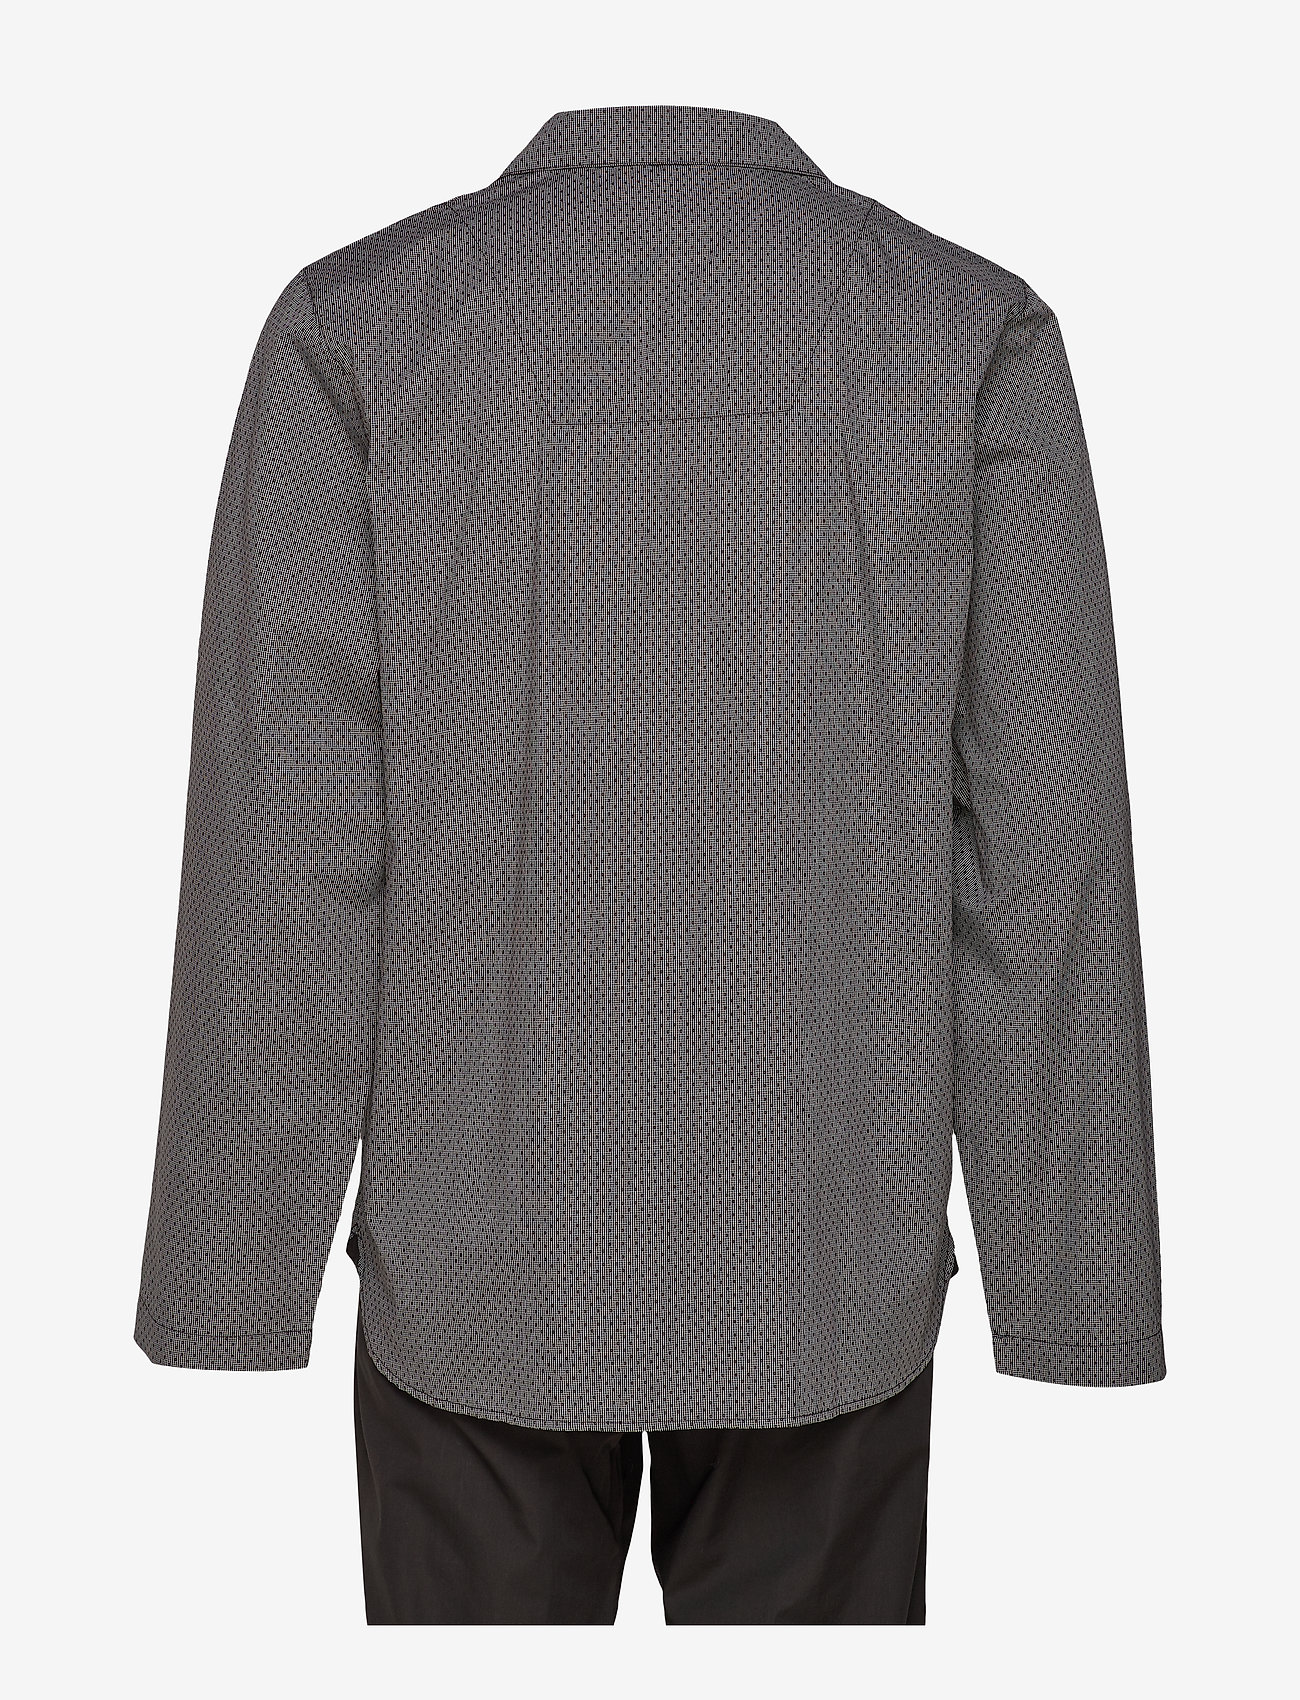 JBS - JBS pyjamas woven - pyjamas - black - 1